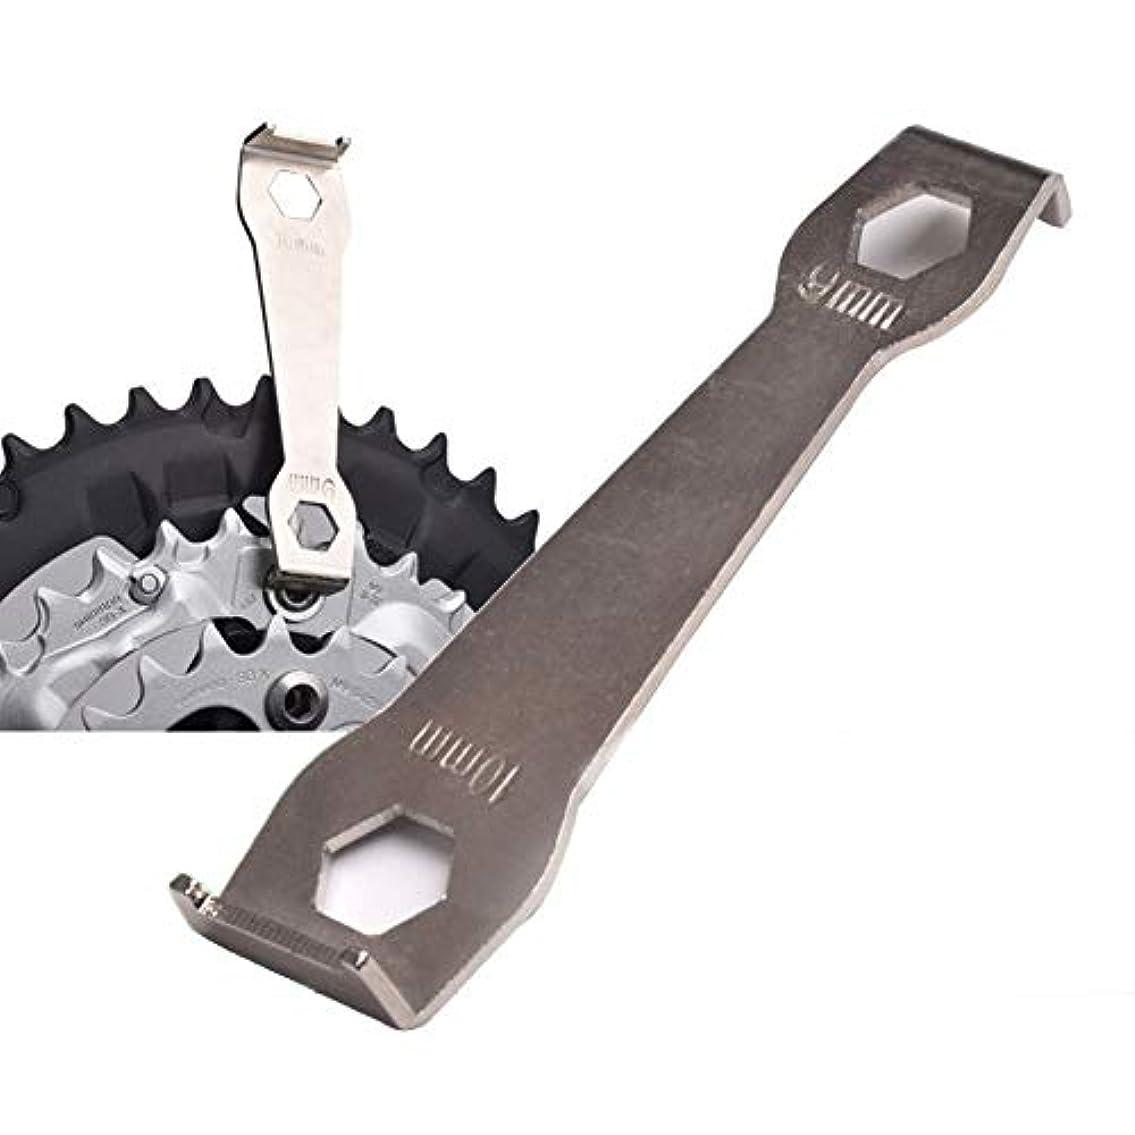 アンテナ指カジュアルSODIAL バイククランクセットボルト固定レンチ自転車修理ツールマウンテンバイクチェーンホイール分解スパナクランクアームボルト